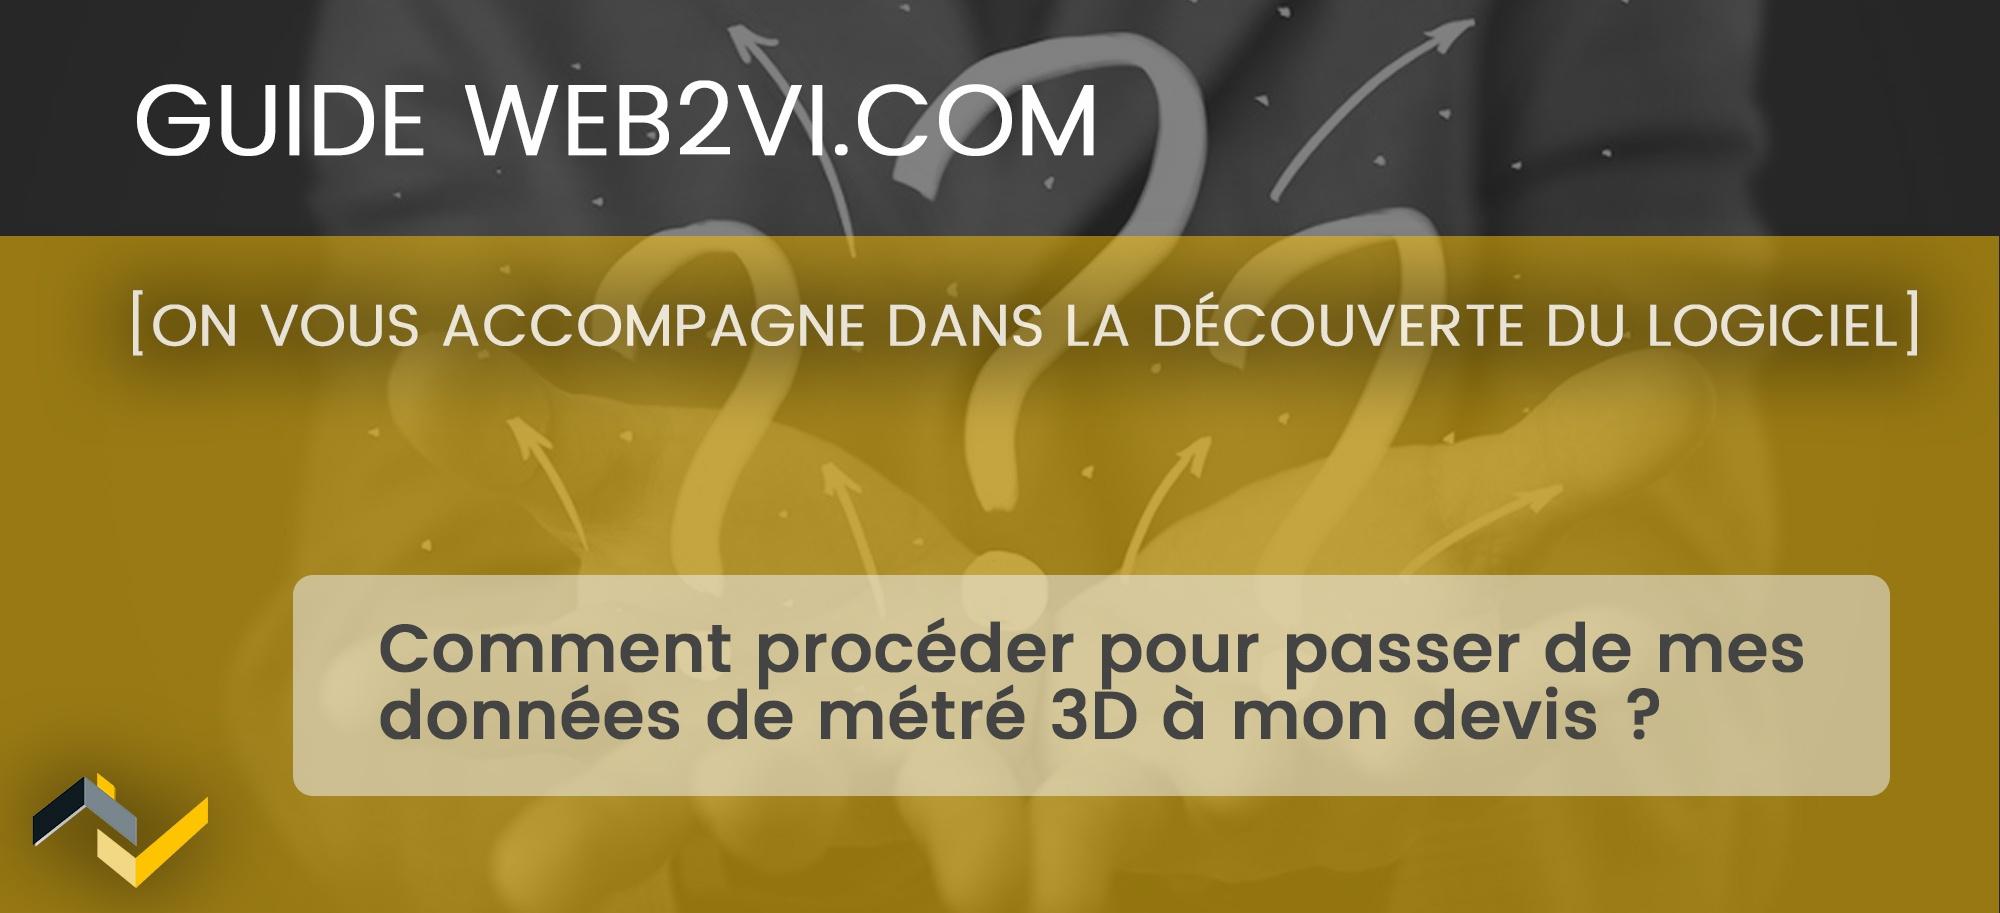 Intégrer les données de métrés recueillies par drone dans Web2vi.com